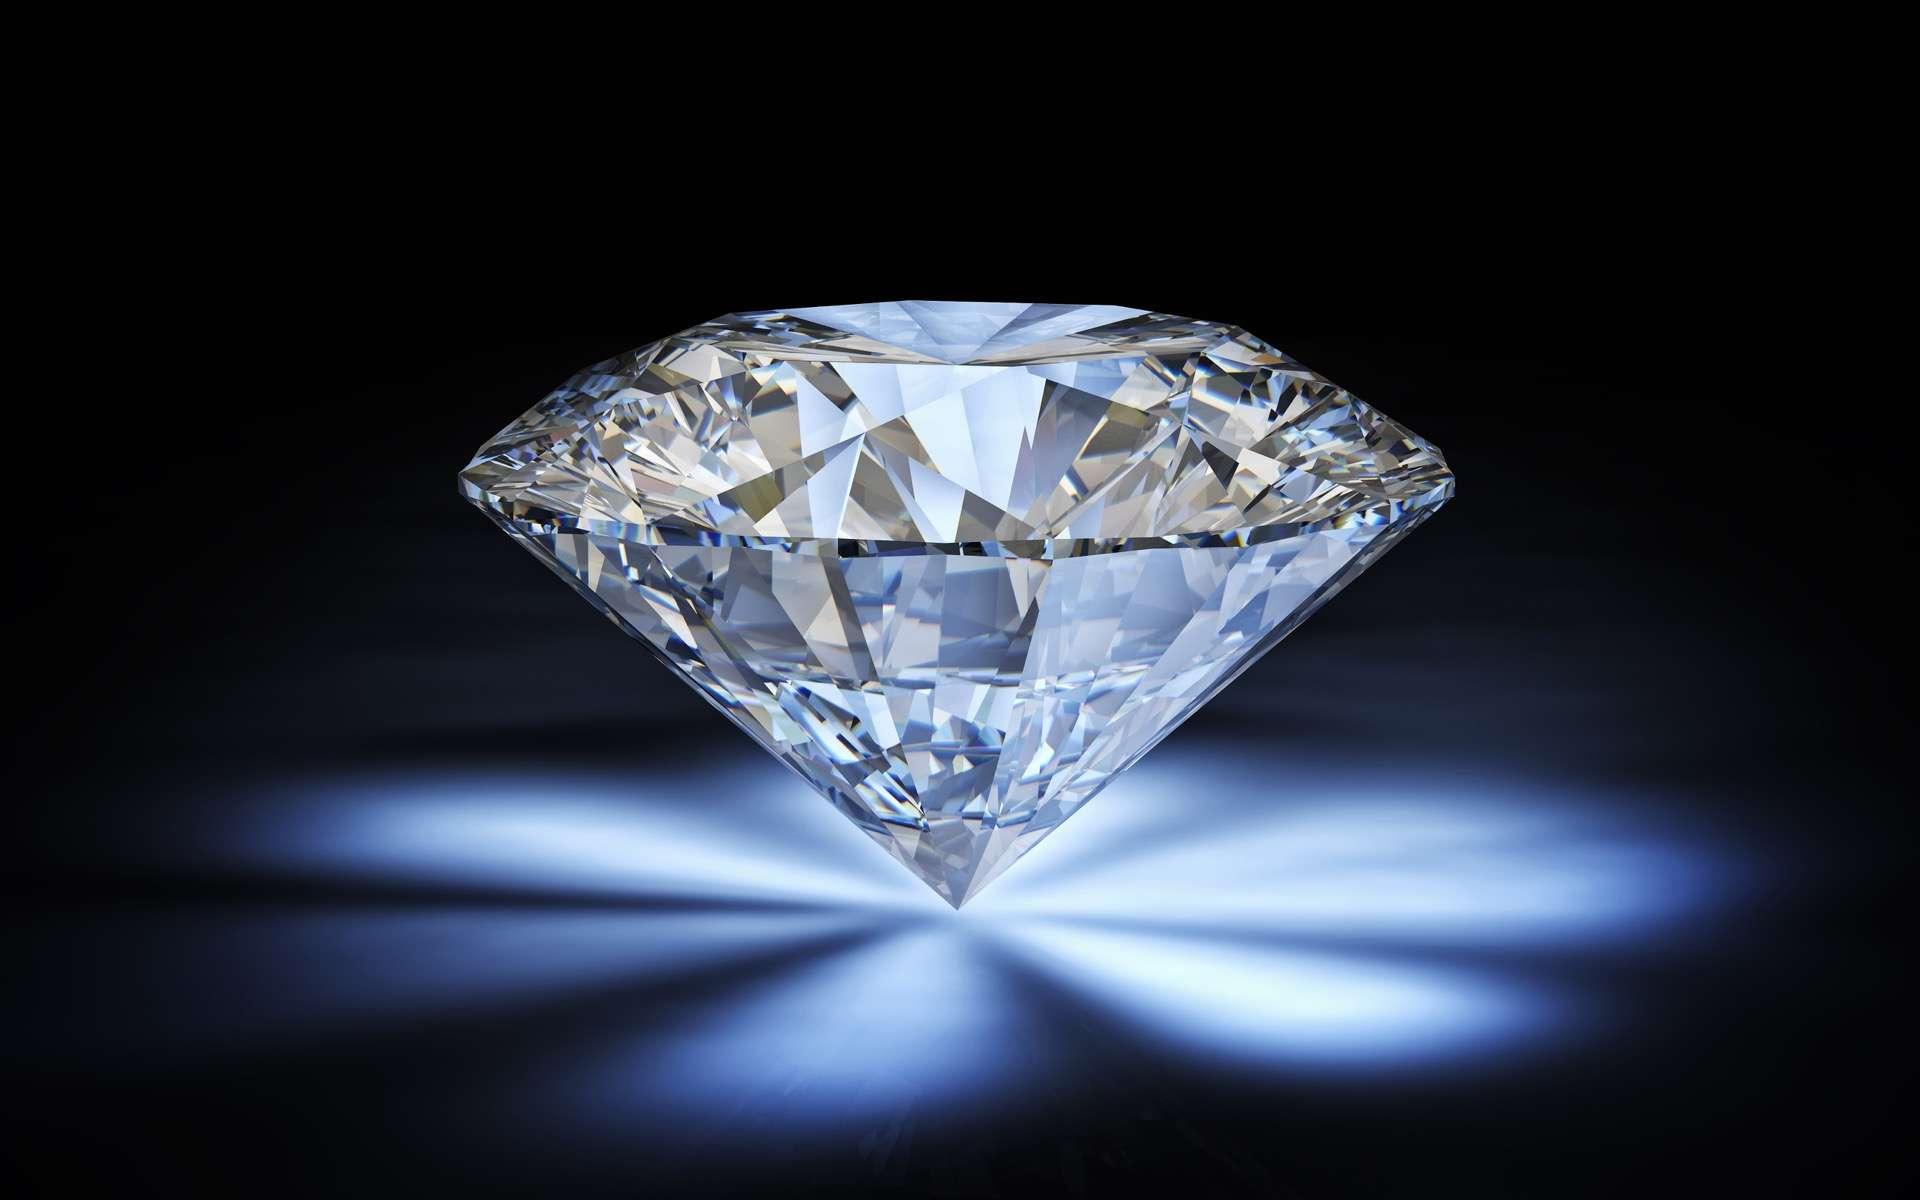 Vente aux enchères exceptionnelle d'un diamant de 100 carat payable en cryptomonnaie. © tiero, Adobe Stock